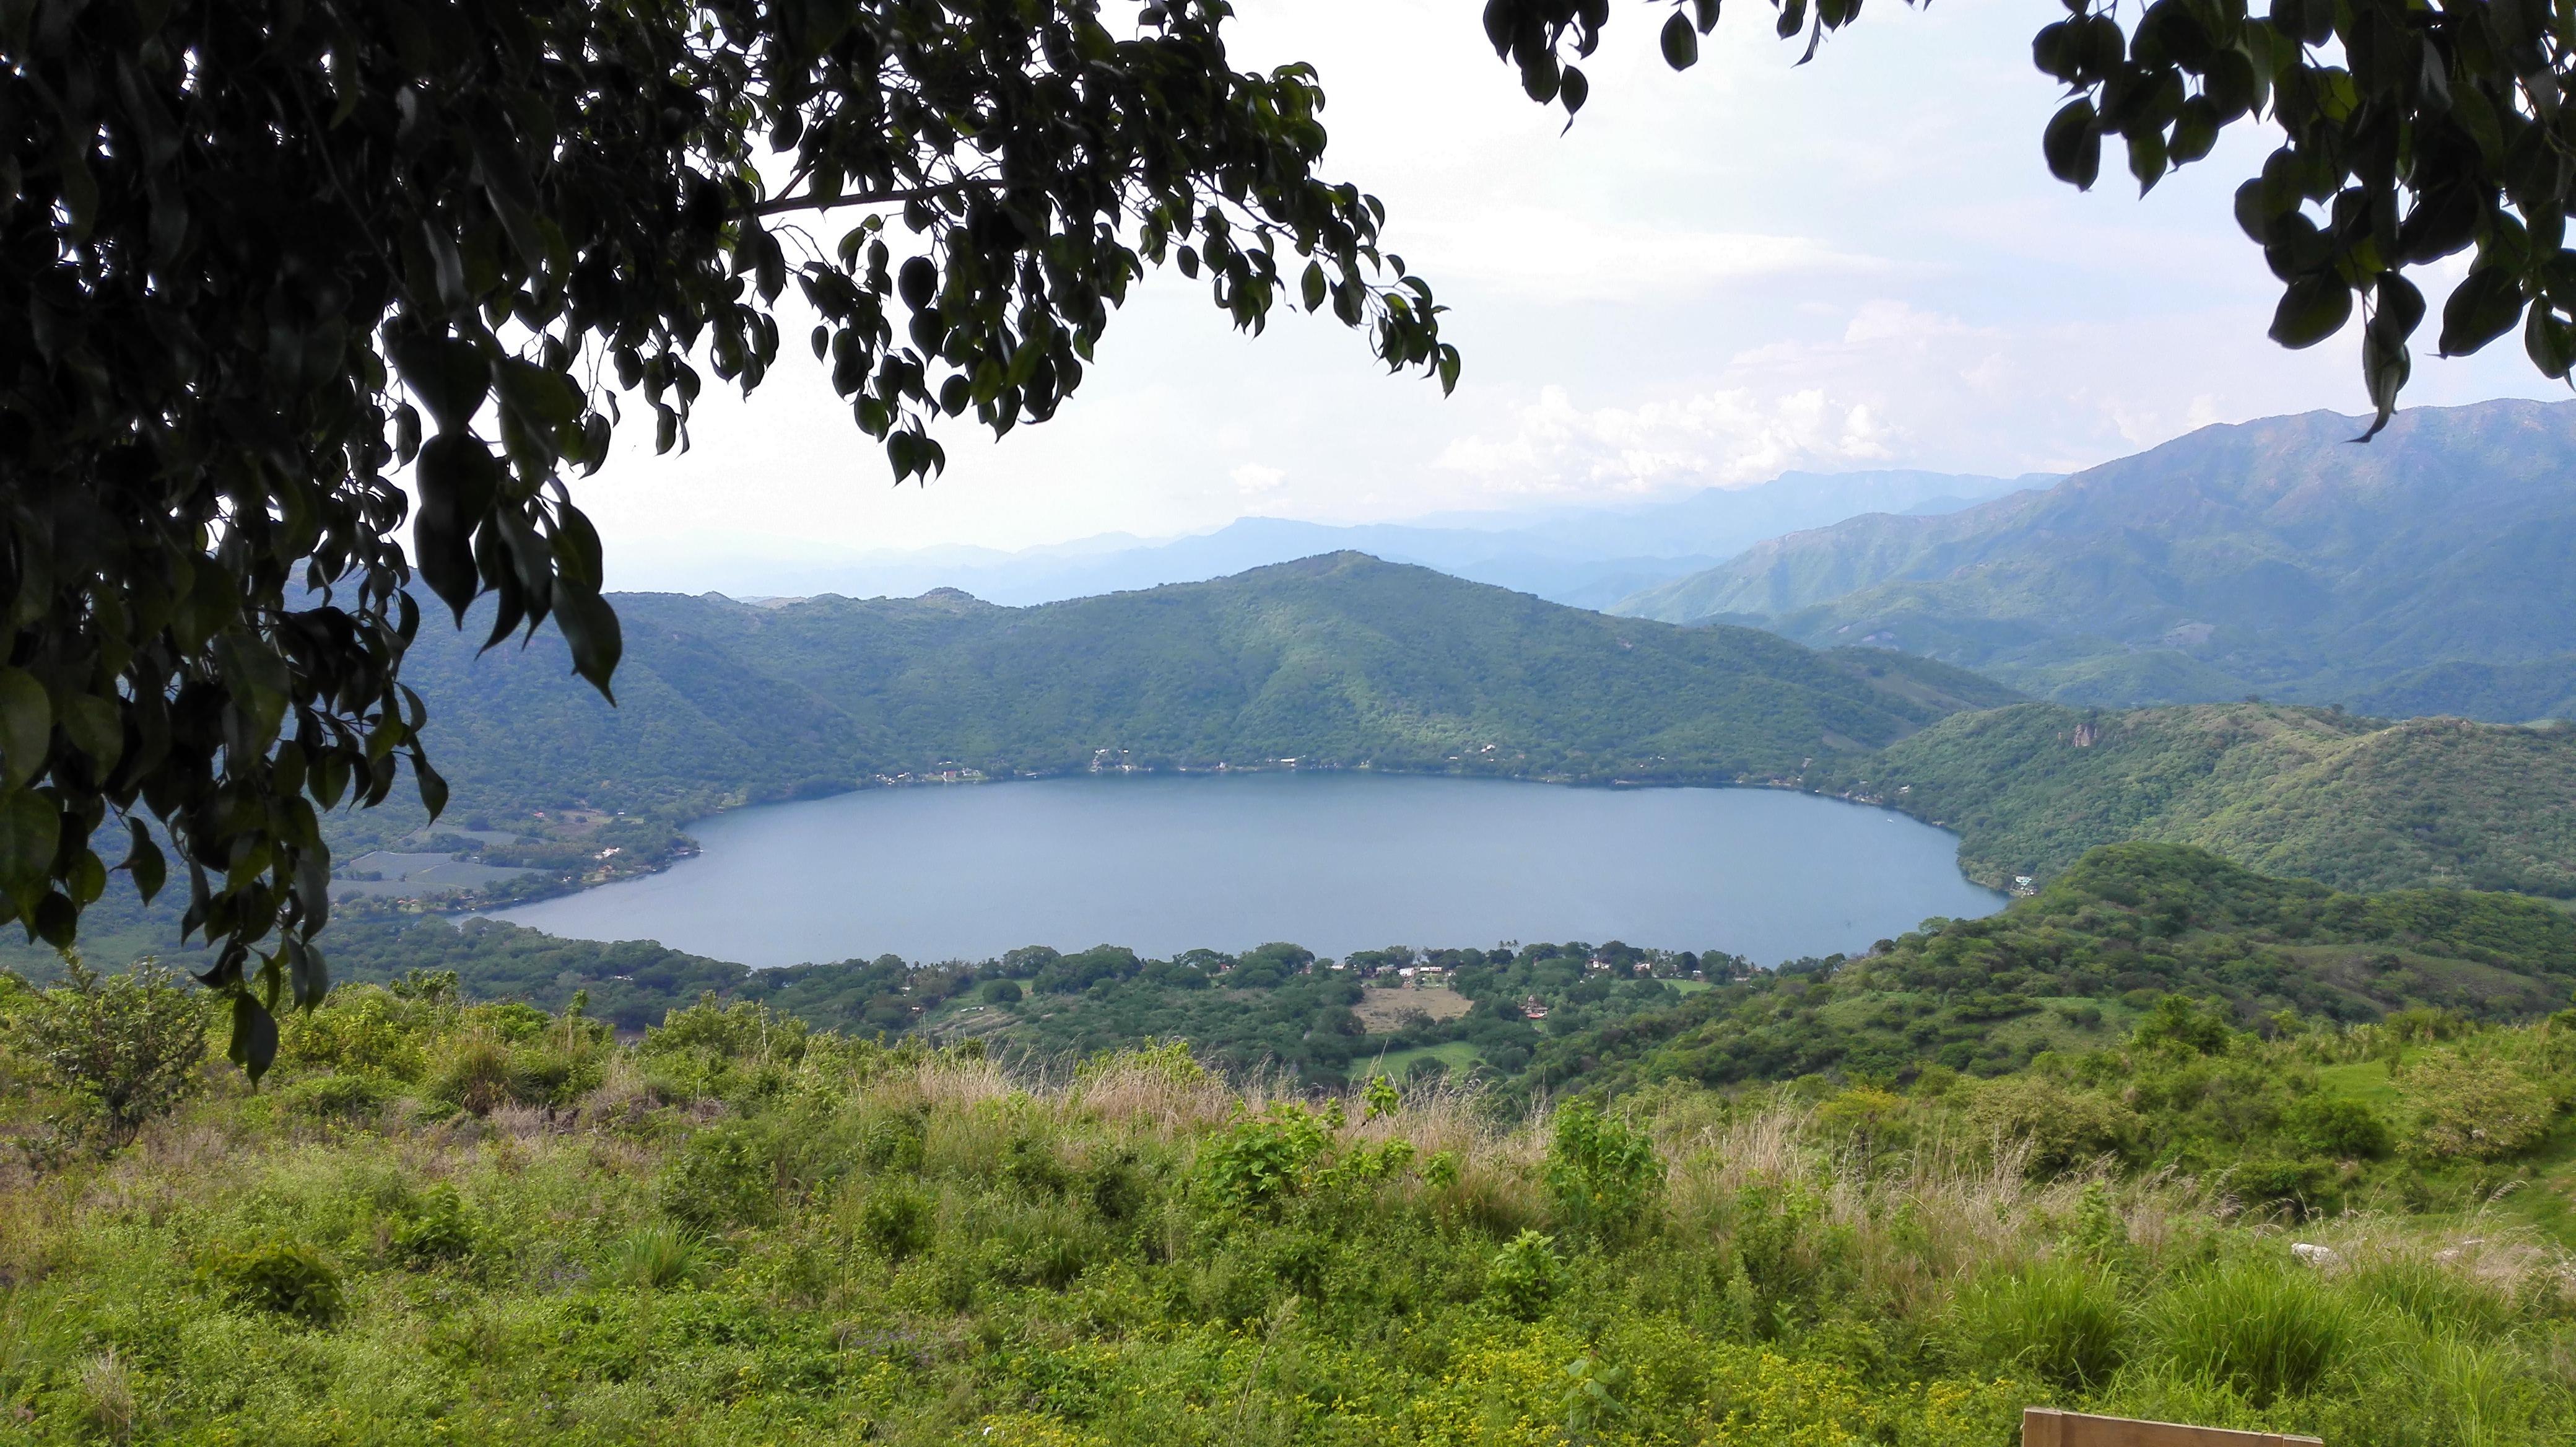 La laguna de Santa María del Oro vista desde el mirador